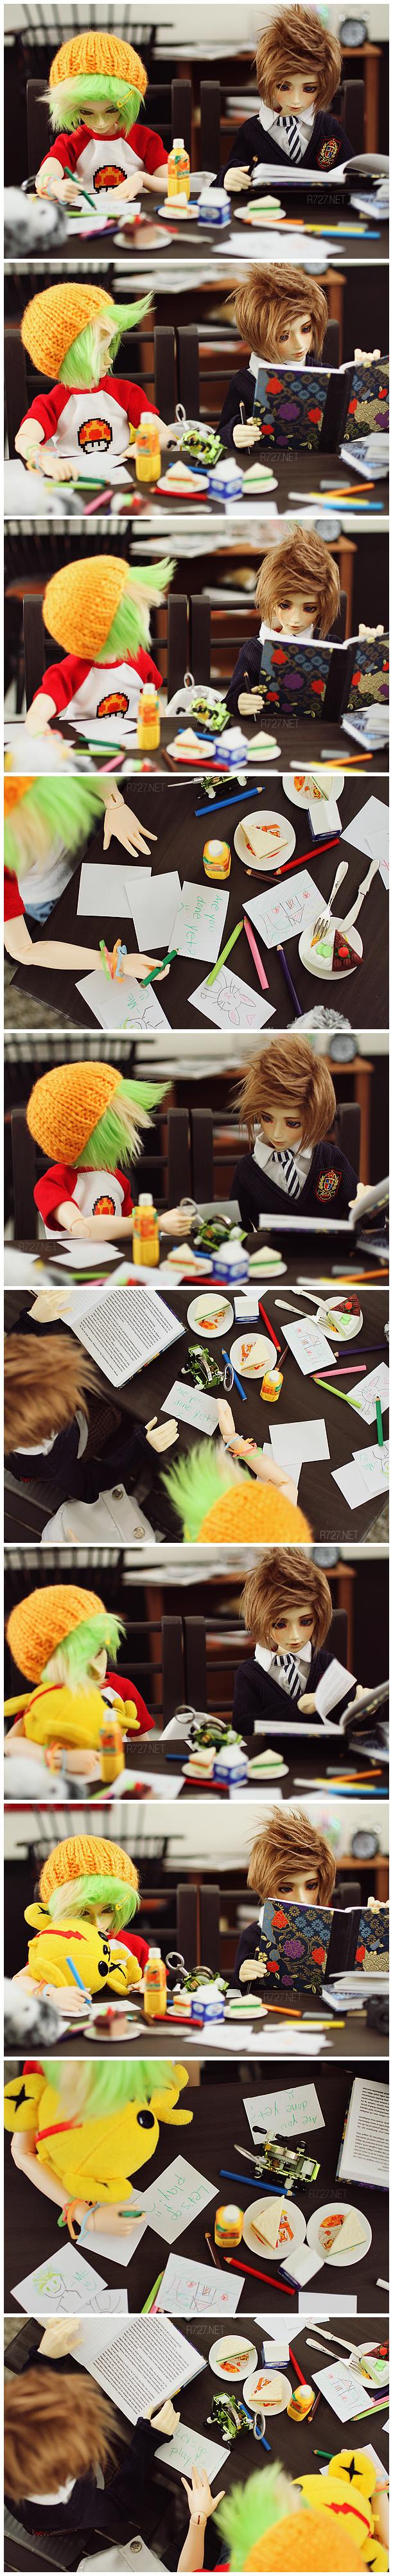 homework help by R727